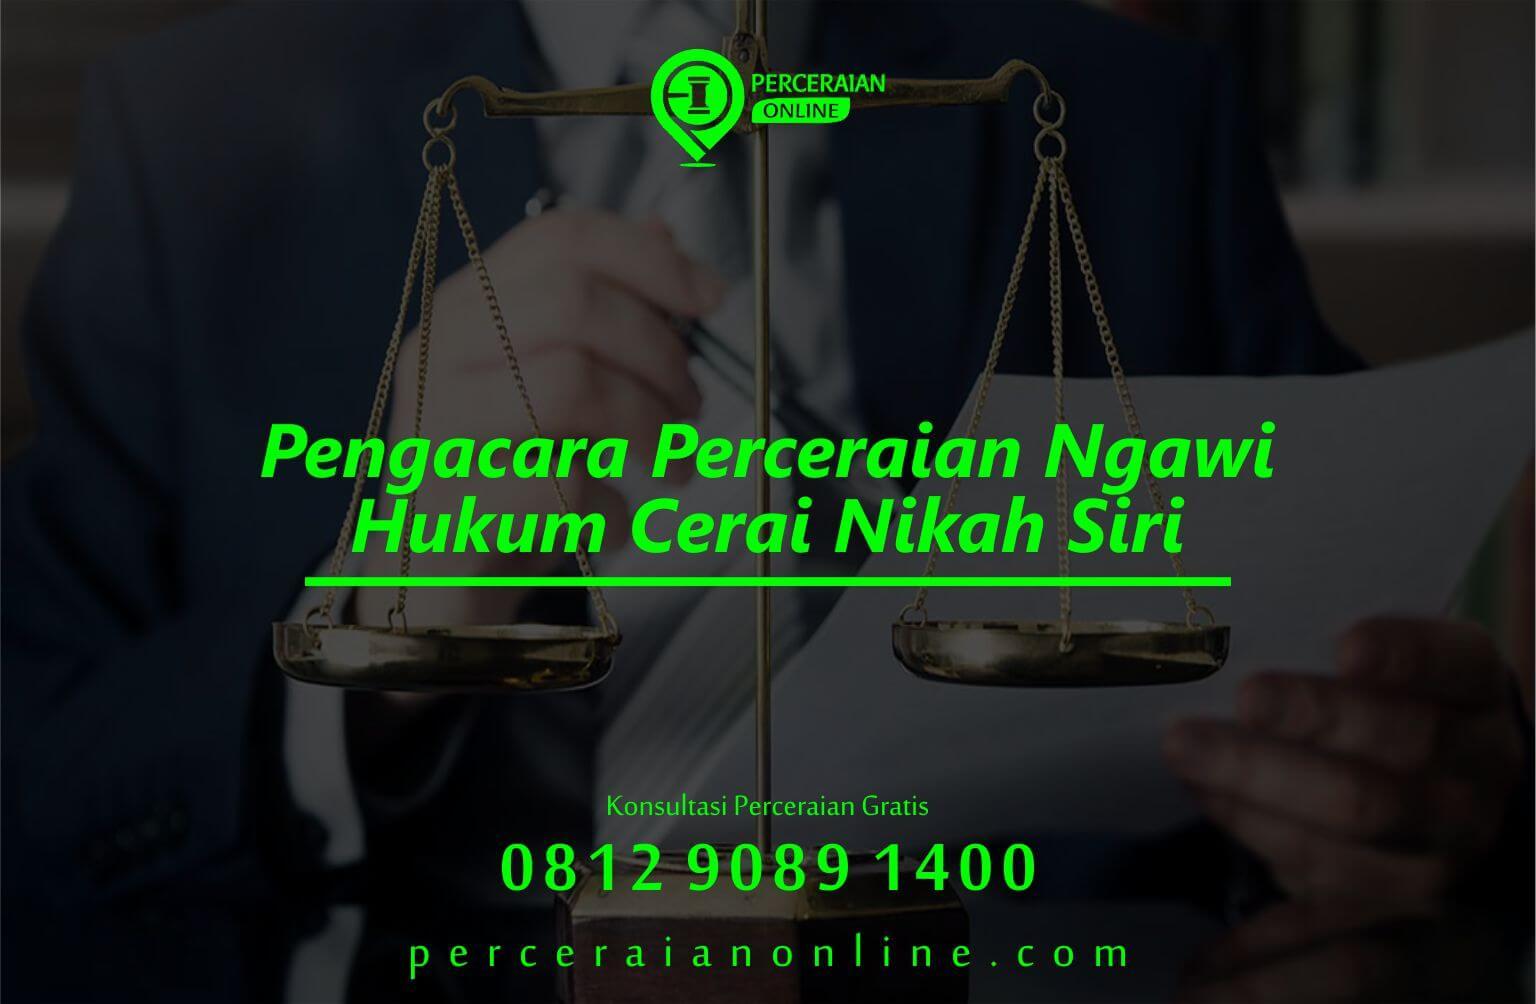 Pengacara Perceraian Ngawi, Hukum Cerai Nikah Siri